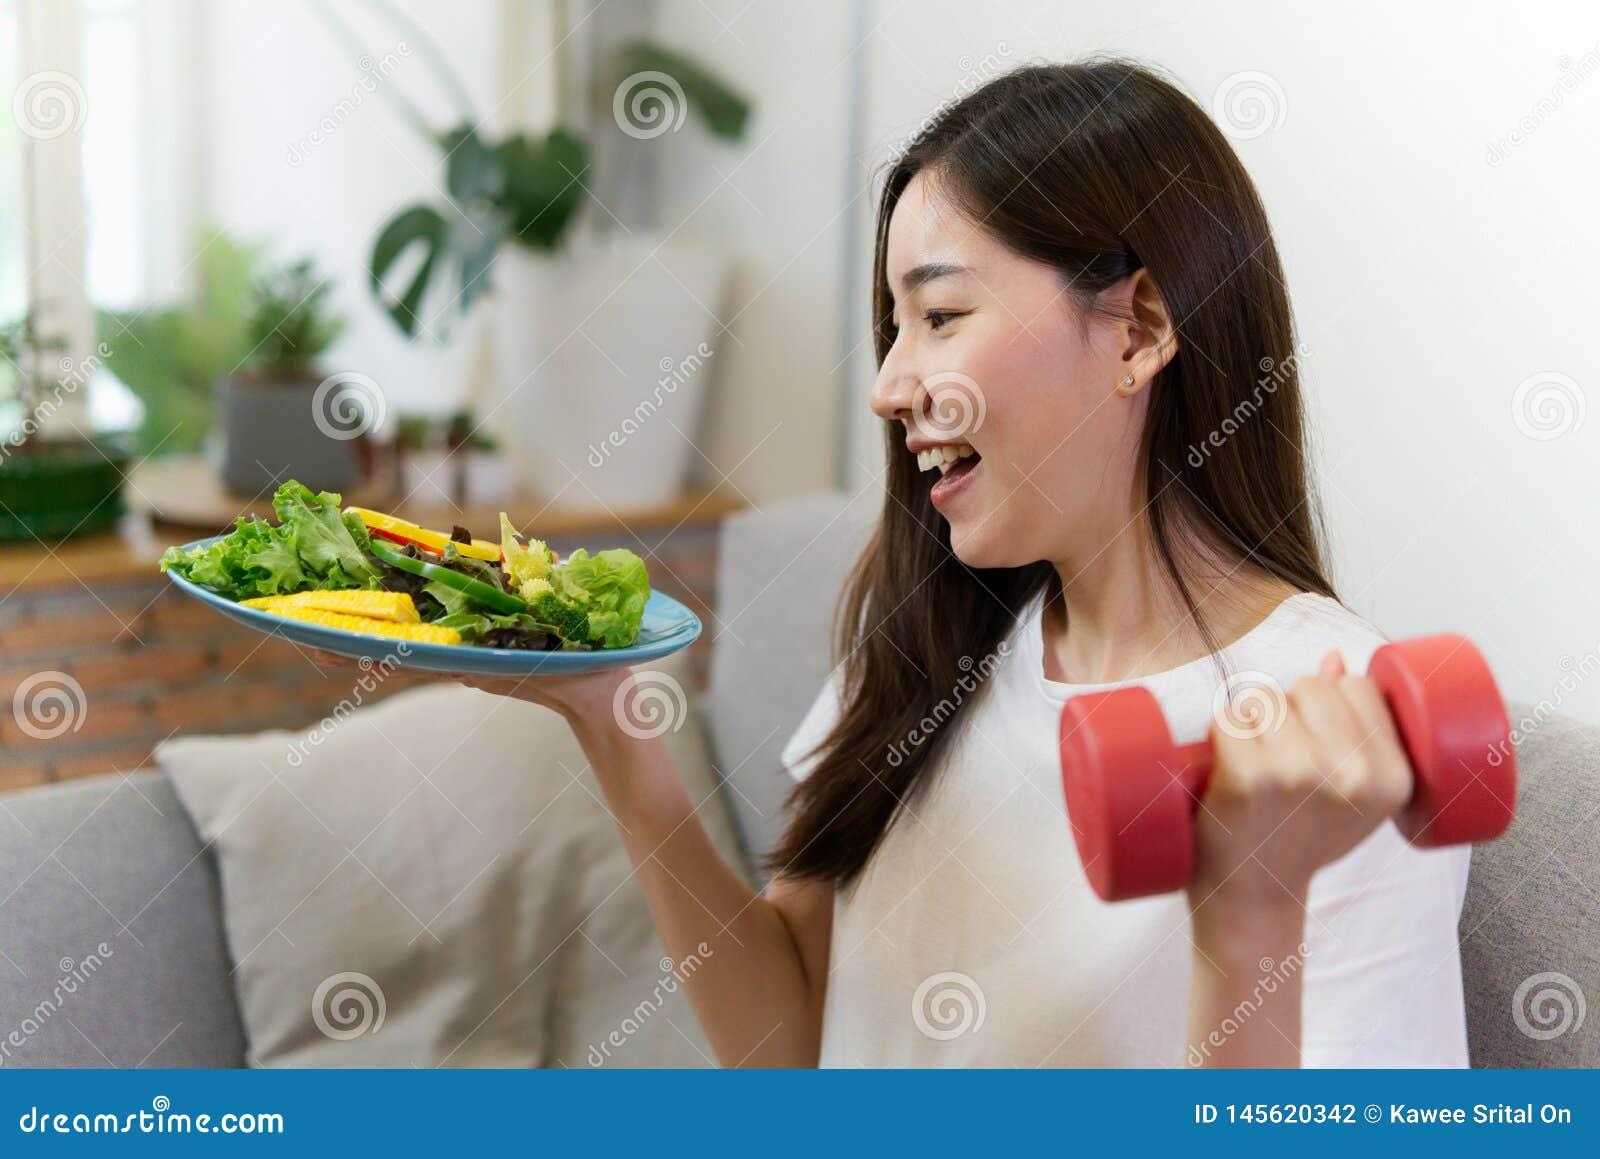 Młoda Azjatycka dziewczyny mienia sałatka i czerwieni dumbbell siedzimy na kanapie z uśmiech twarzą